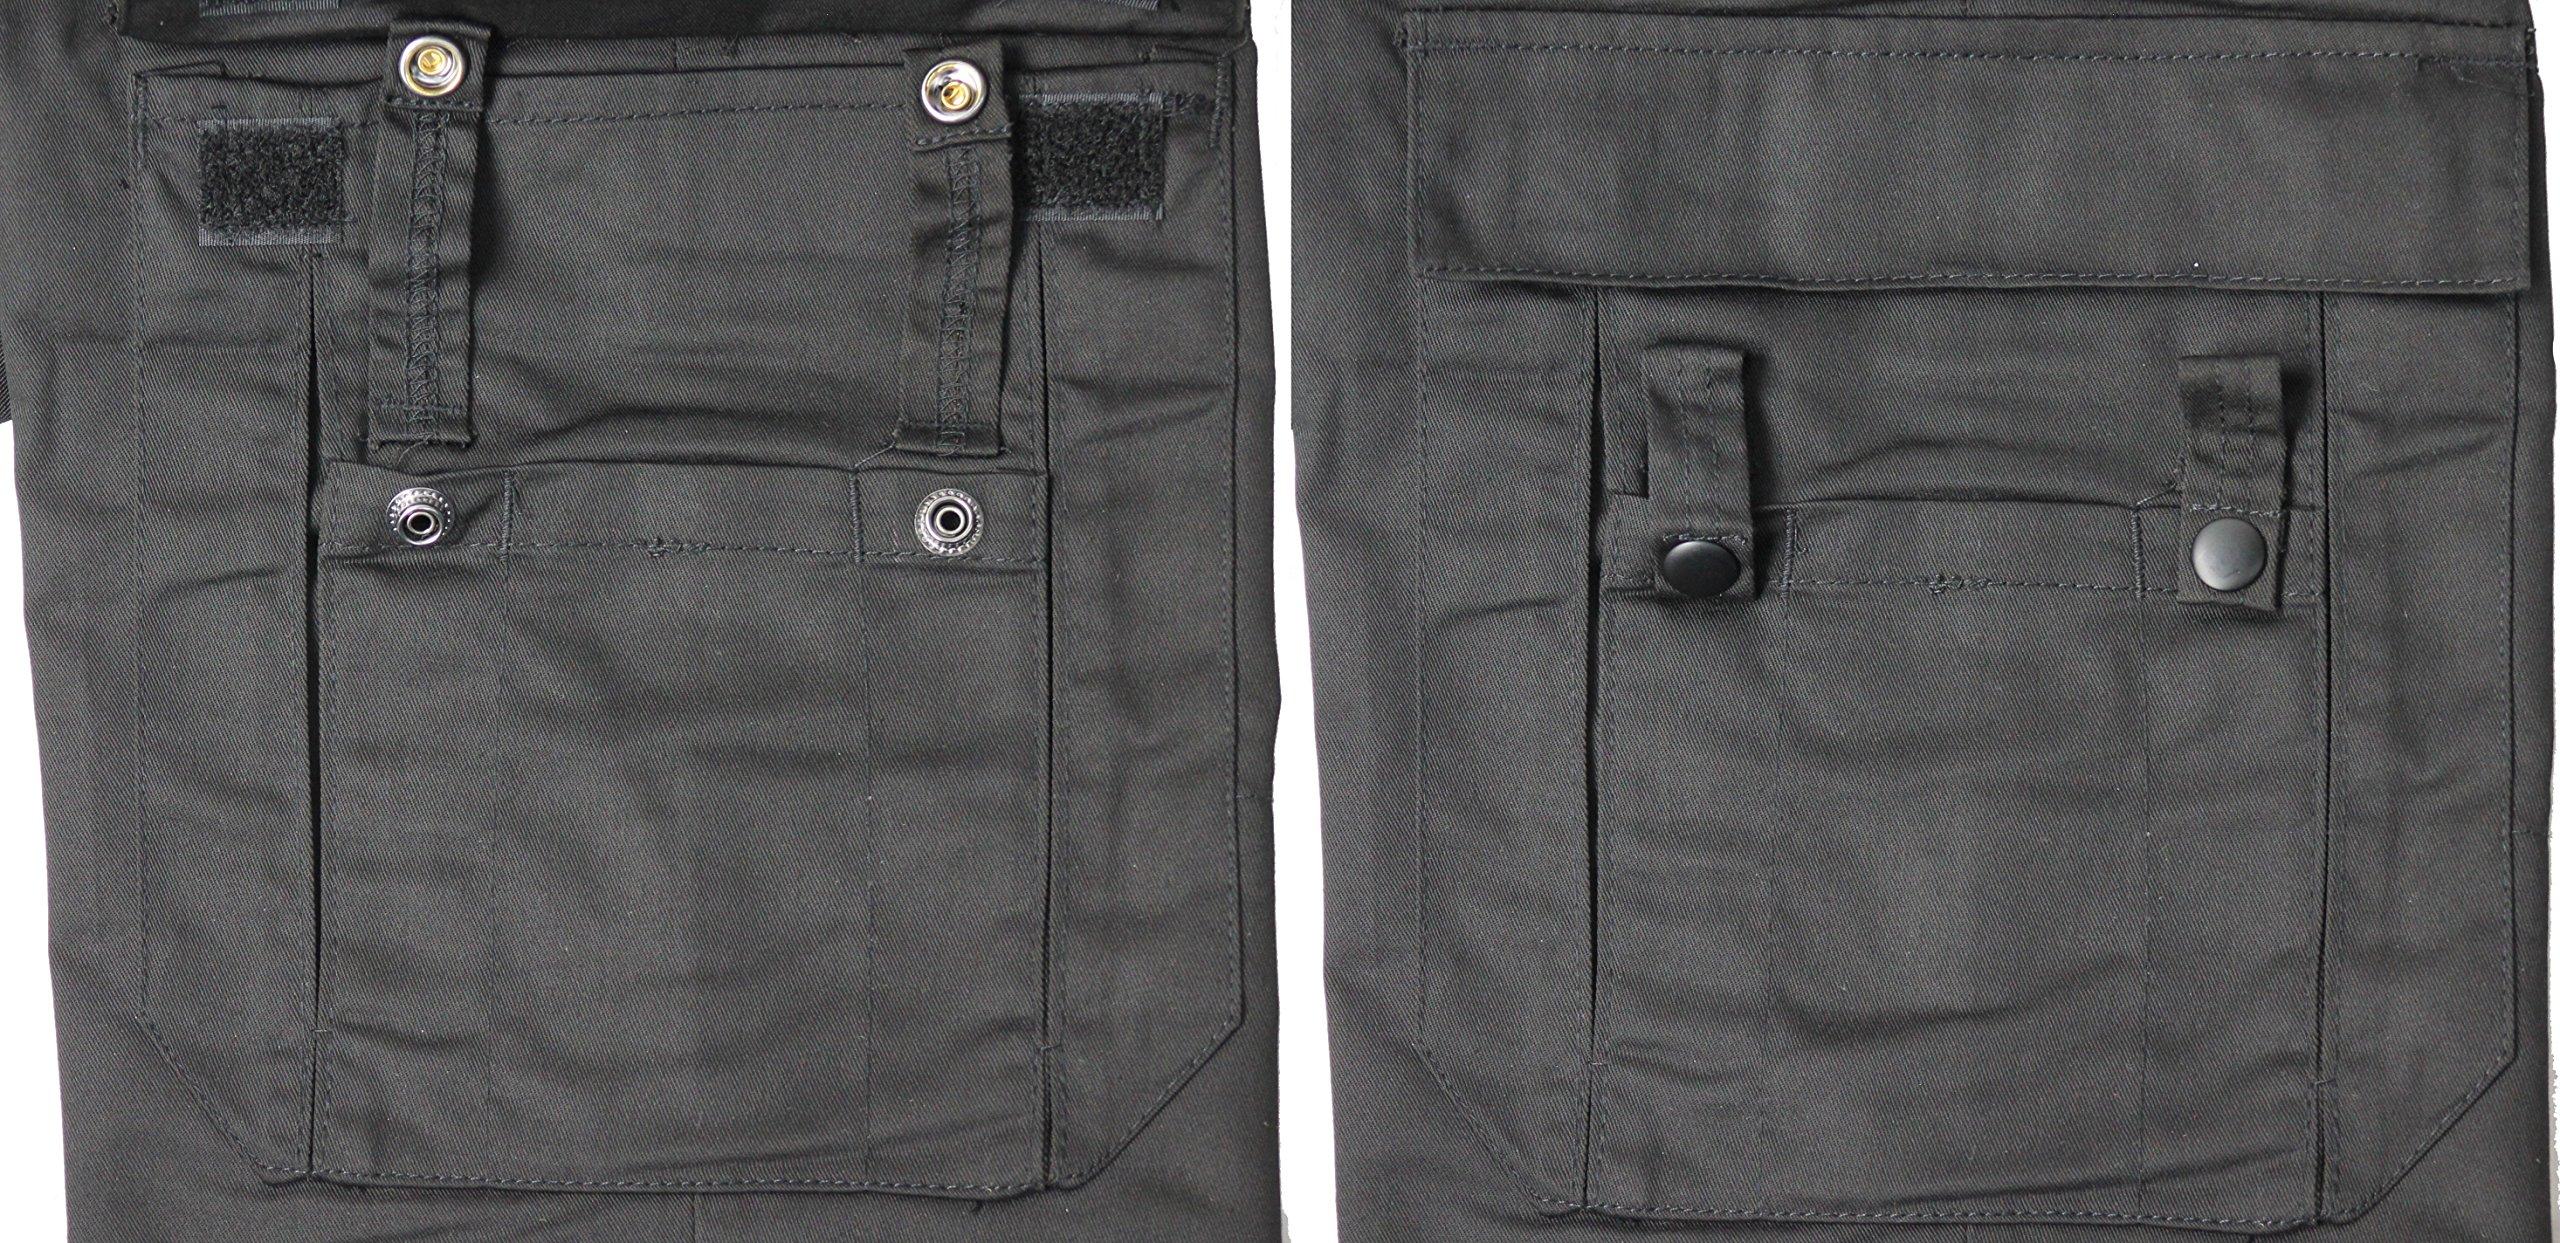 Army Universe Black Uniform 9 Pocket Cargo Pants 6144a5c9c4c